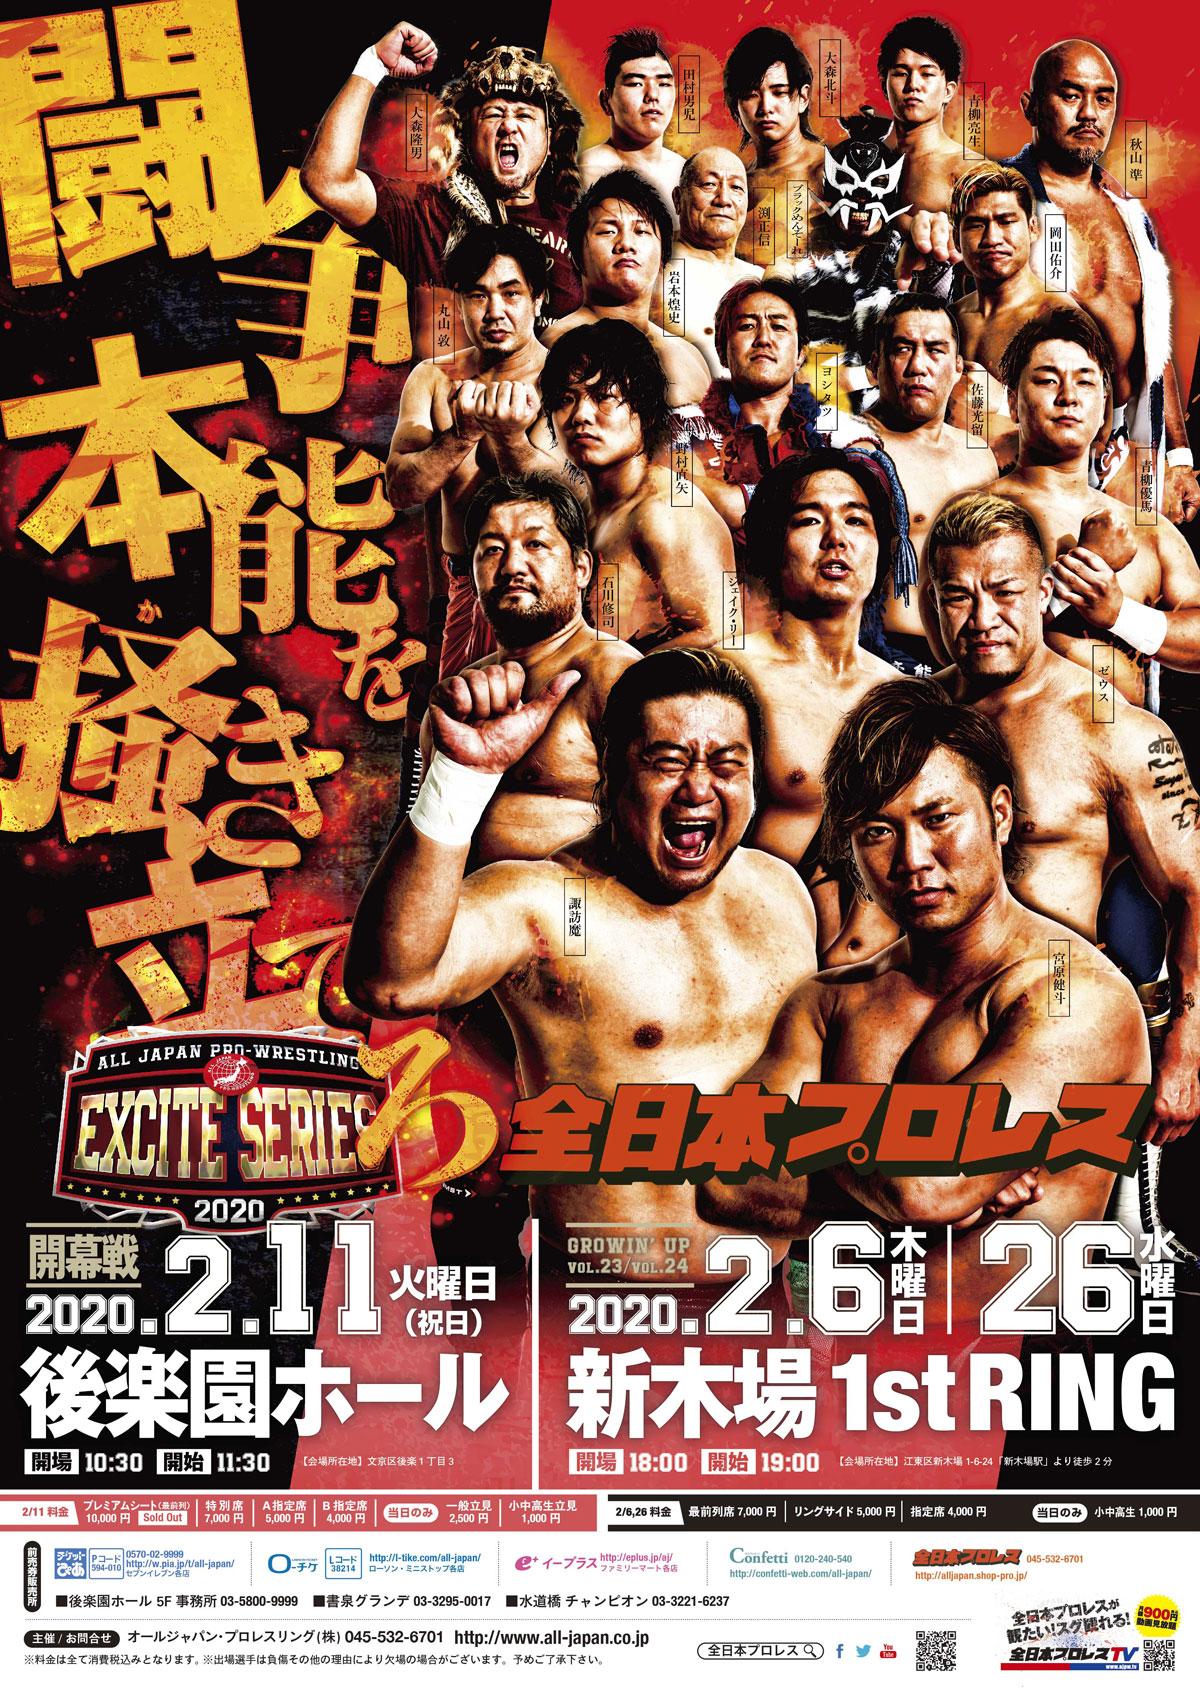 AJPW Excite Series 2020 - Night 1